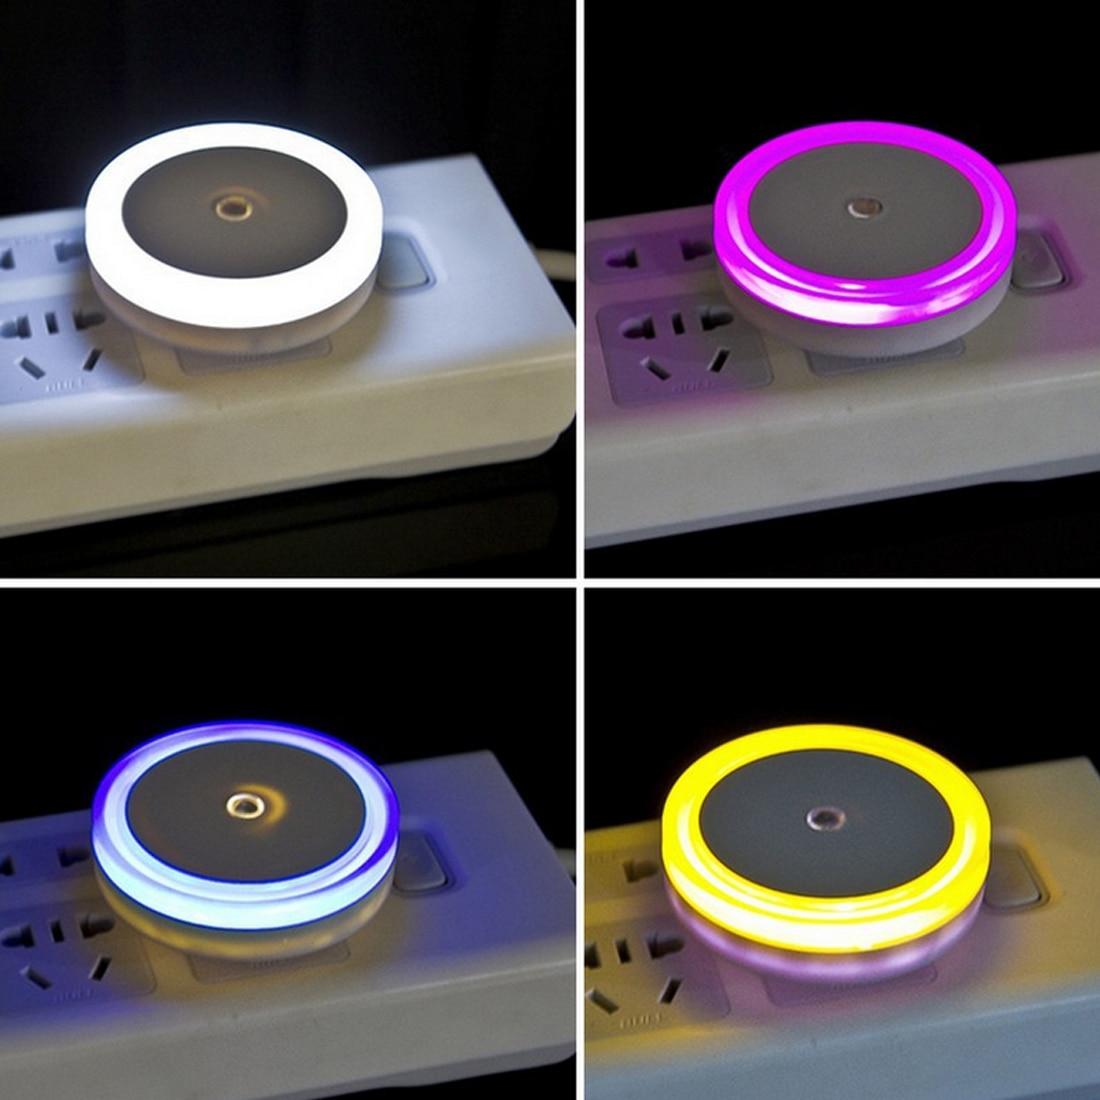 Новый бренд авто светодиодный свет индукции Сенсор Управление Ночное освещение кровать лампы круглый Форма 110-220 В 4 цвета США Plug